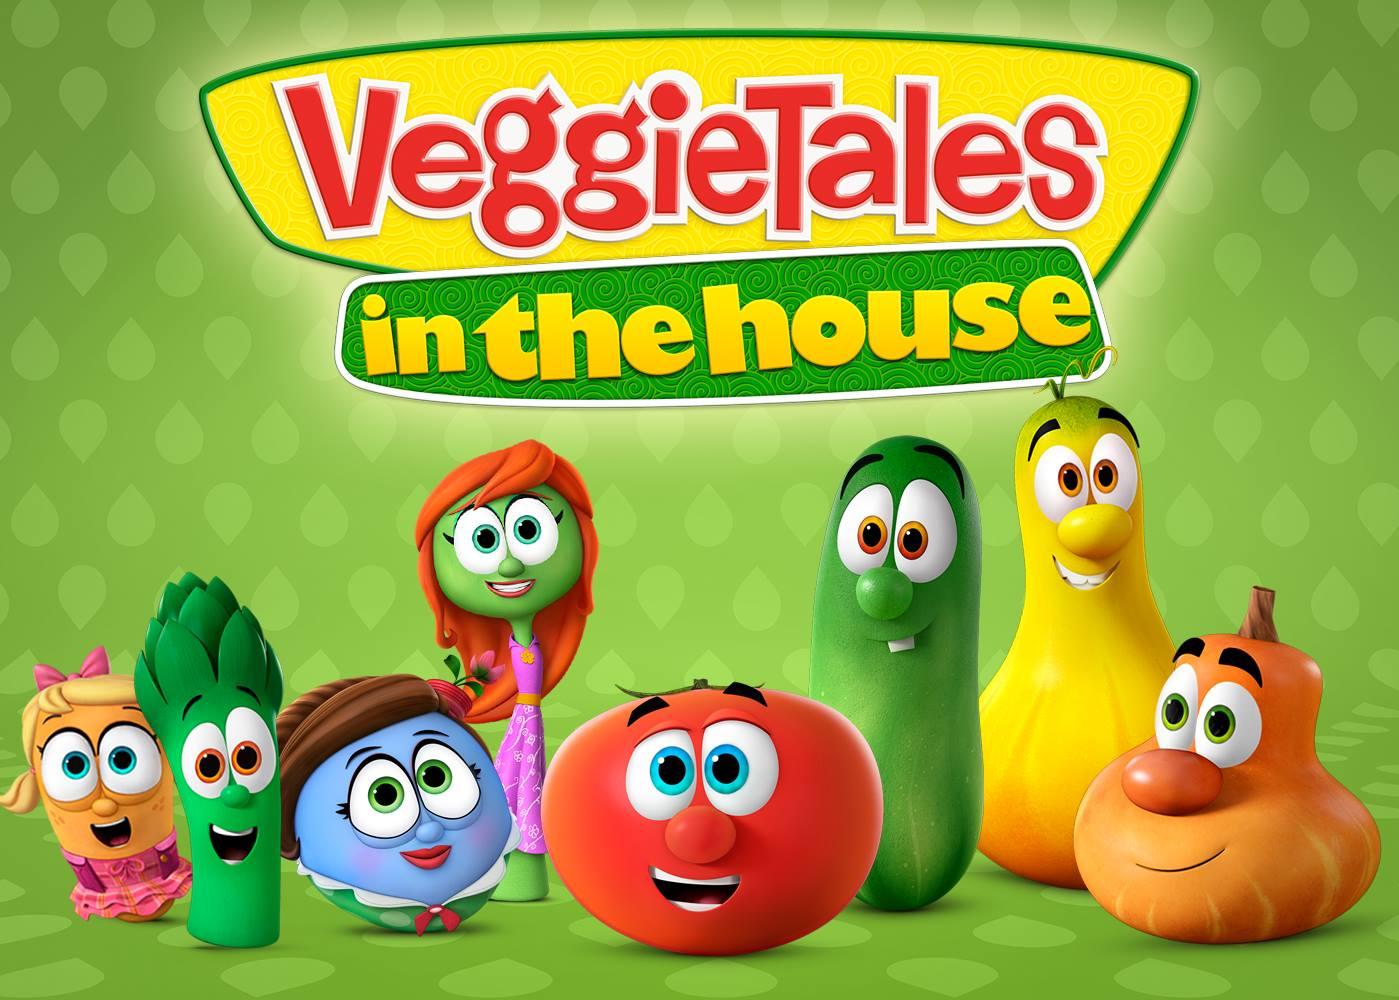 VeggieTales Backgrounds, Compatible - PC, Mobile, Gadgets| 1399x1000 px